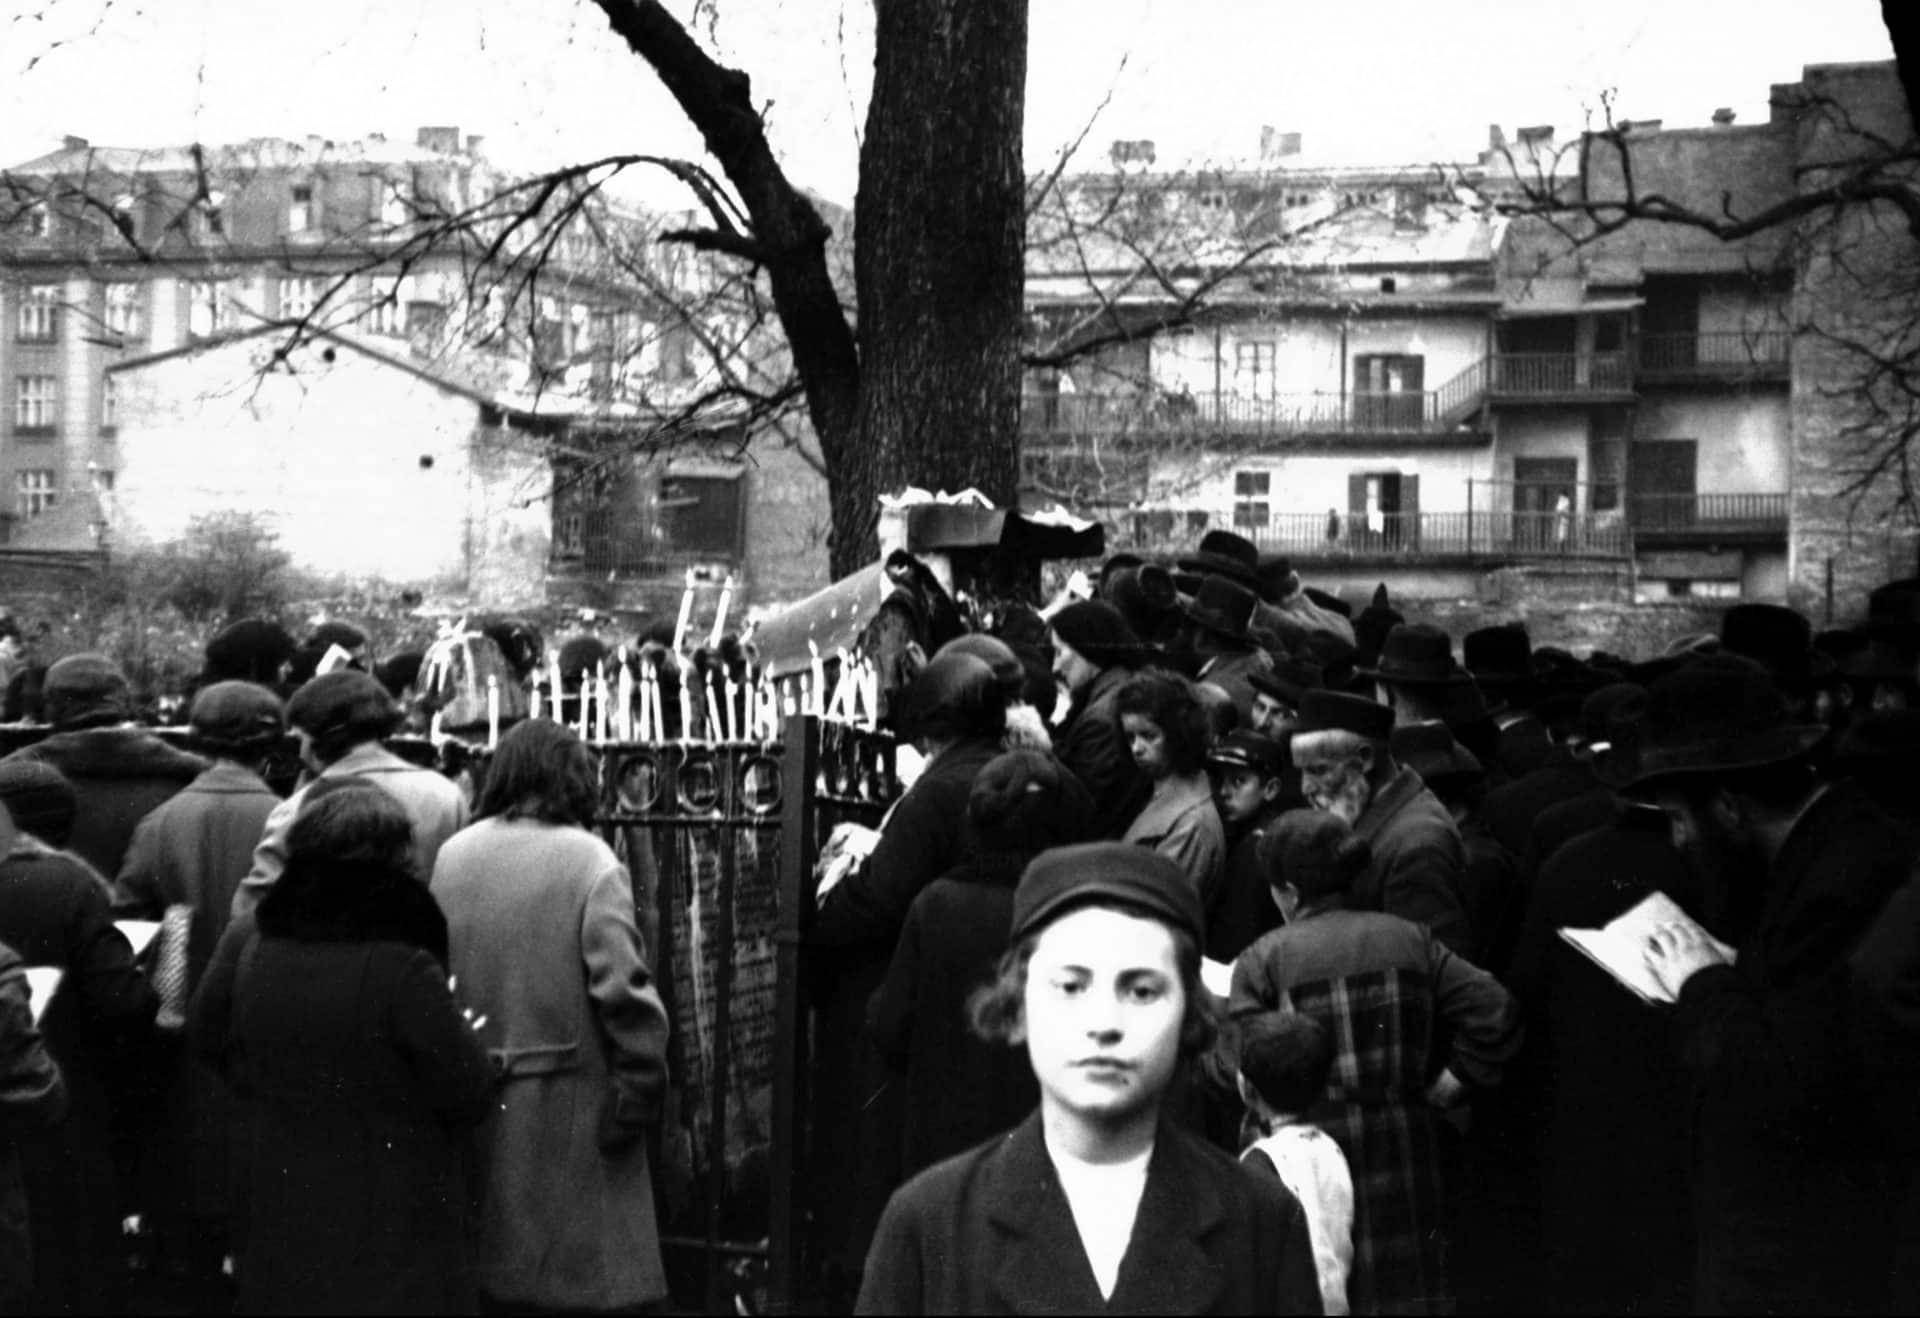 Społeczność żydowska międzywojennego Krakowa cmentarze odwiedzała w inne dni.  Na zdjęciu widać uroczystości, które odbyły się w czasie święta Remu w 1932 roku. Źródło: NAC.